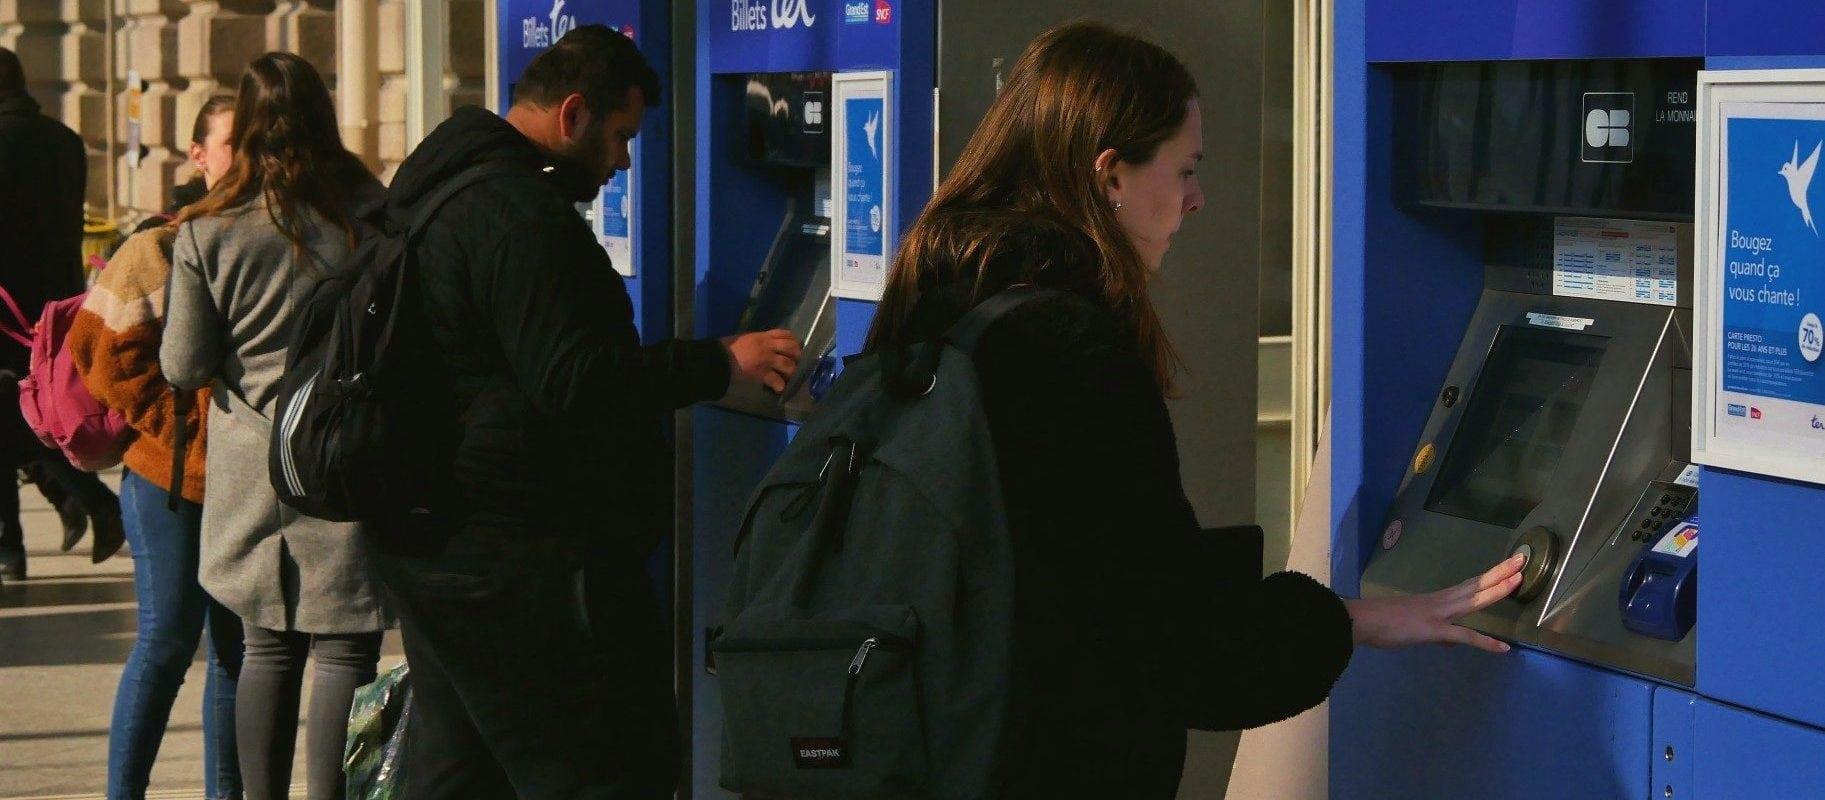 Un tiers des gares du Grand Est n'offre aucun moyen d'acheter un billet